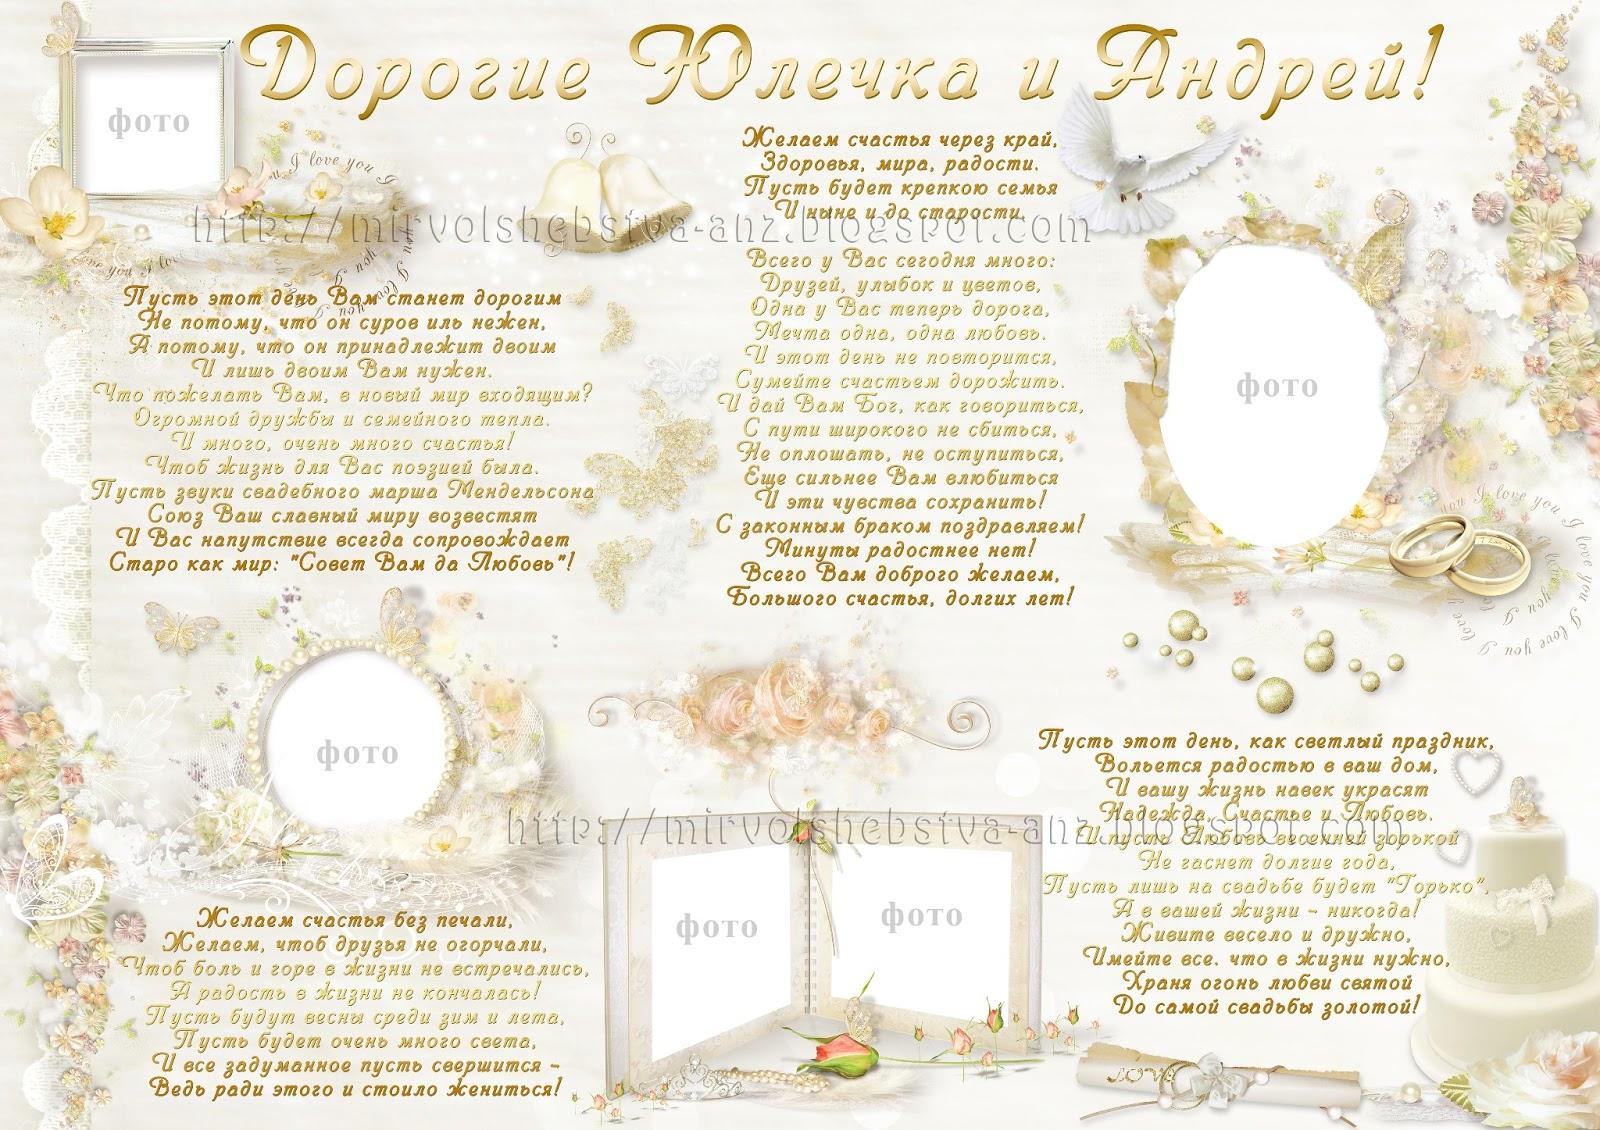 Оригинальные поздравления на золотую свадьбу